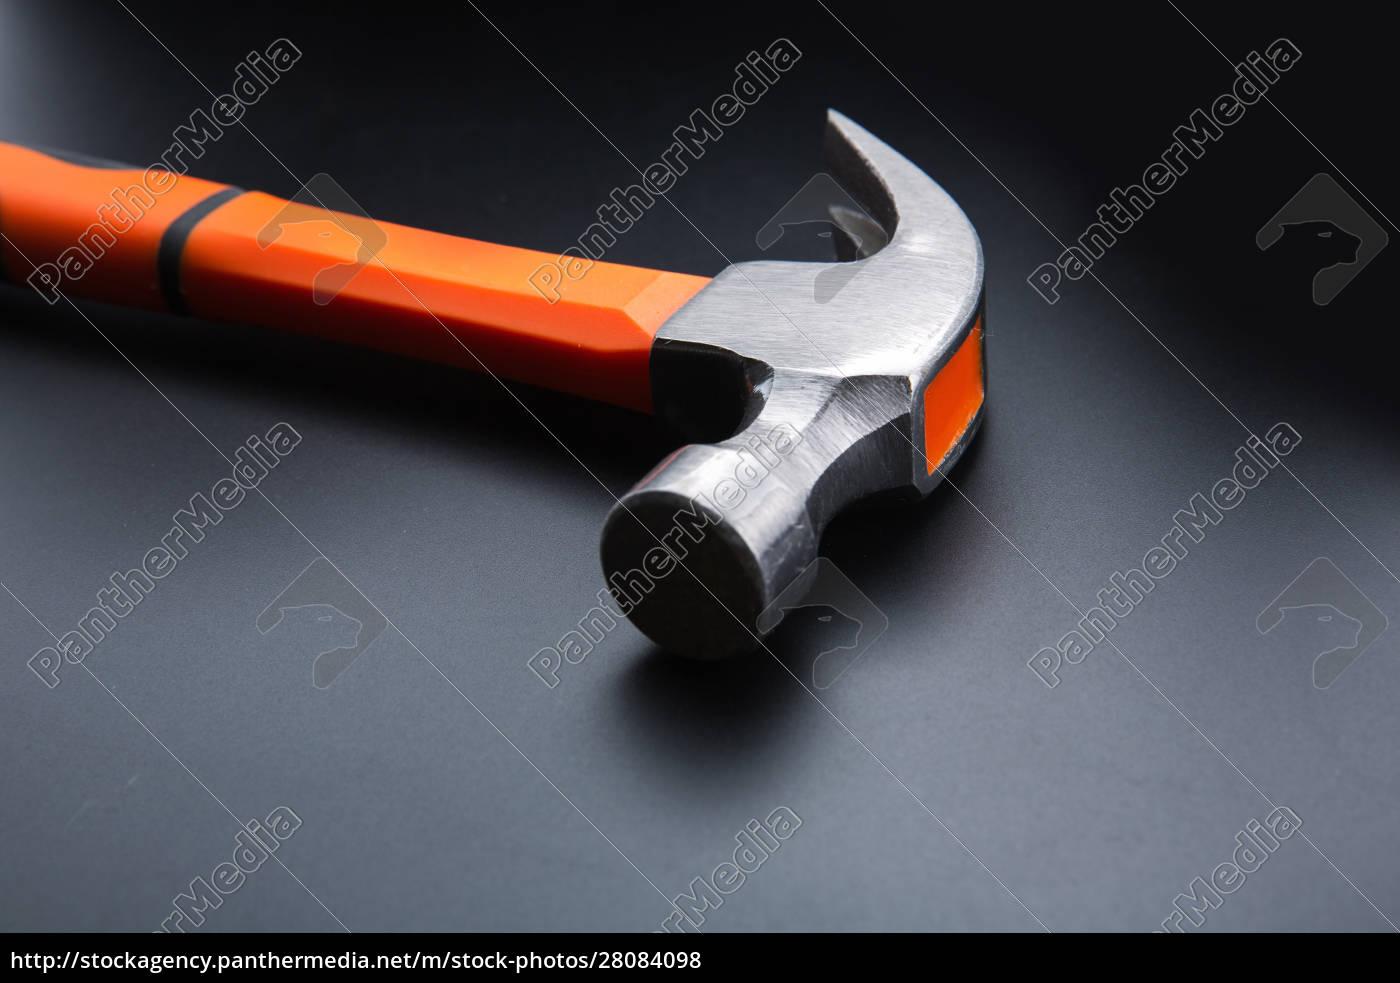 orange, hammer, on, dark, matt, background, - 28084098